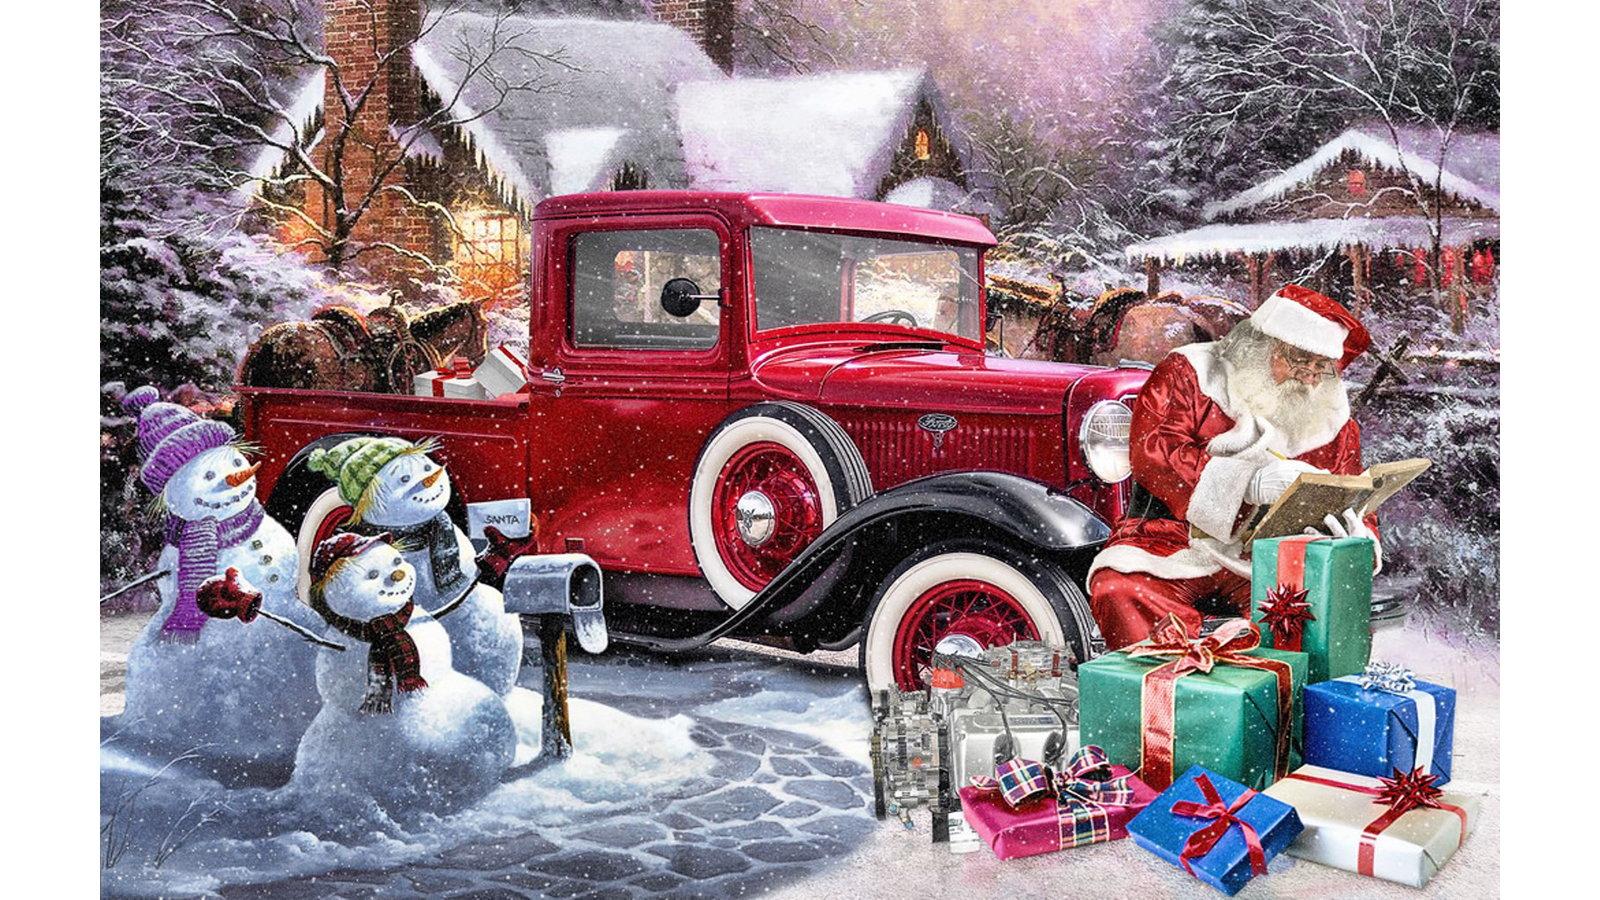 Santa's Model A Truck